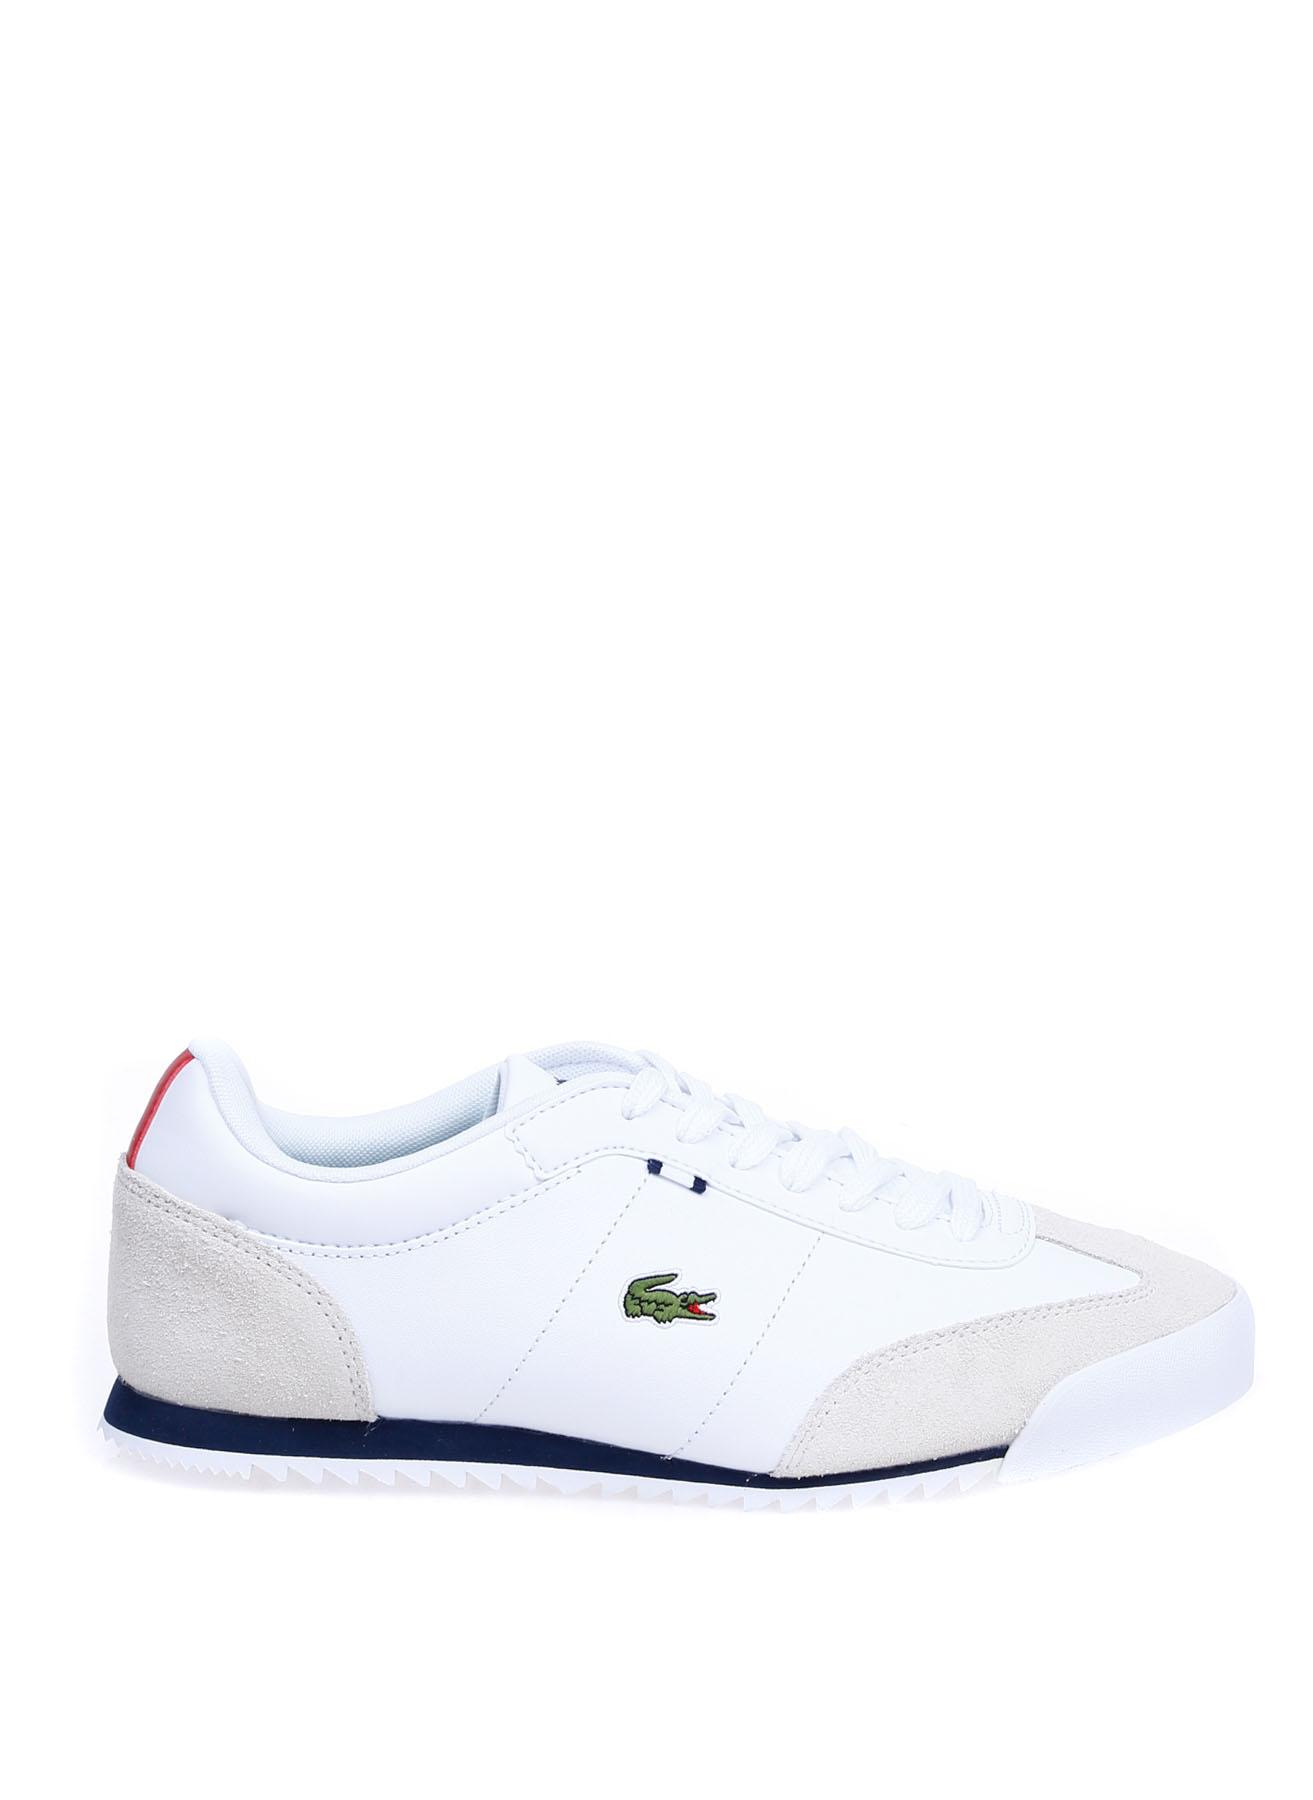 Lacoste Erkek Deri Beyaz Lifestyle Ayakkabı 41 5001483967004 Ürün Resmi